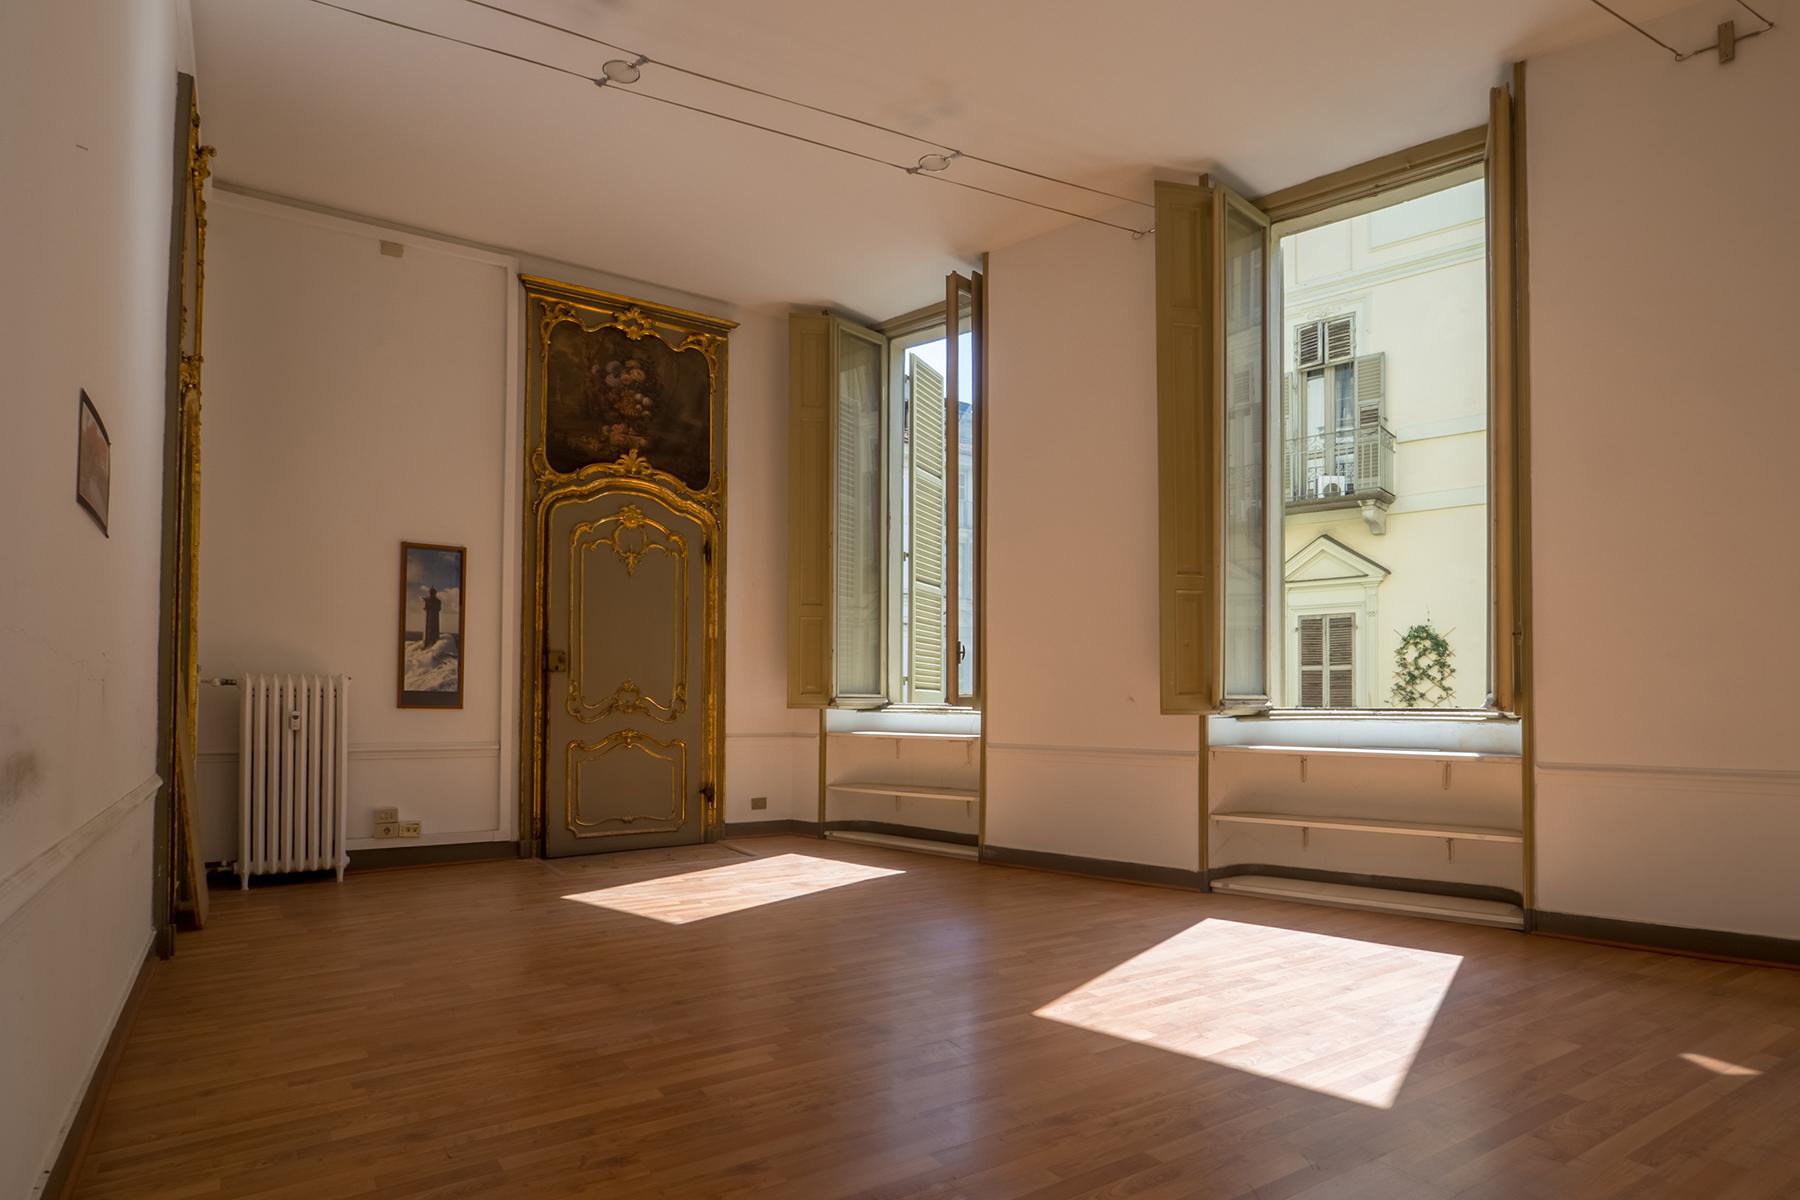 Ufficio-studio in Affitto a Torino: 5 locali, 676 mq - Foto 4